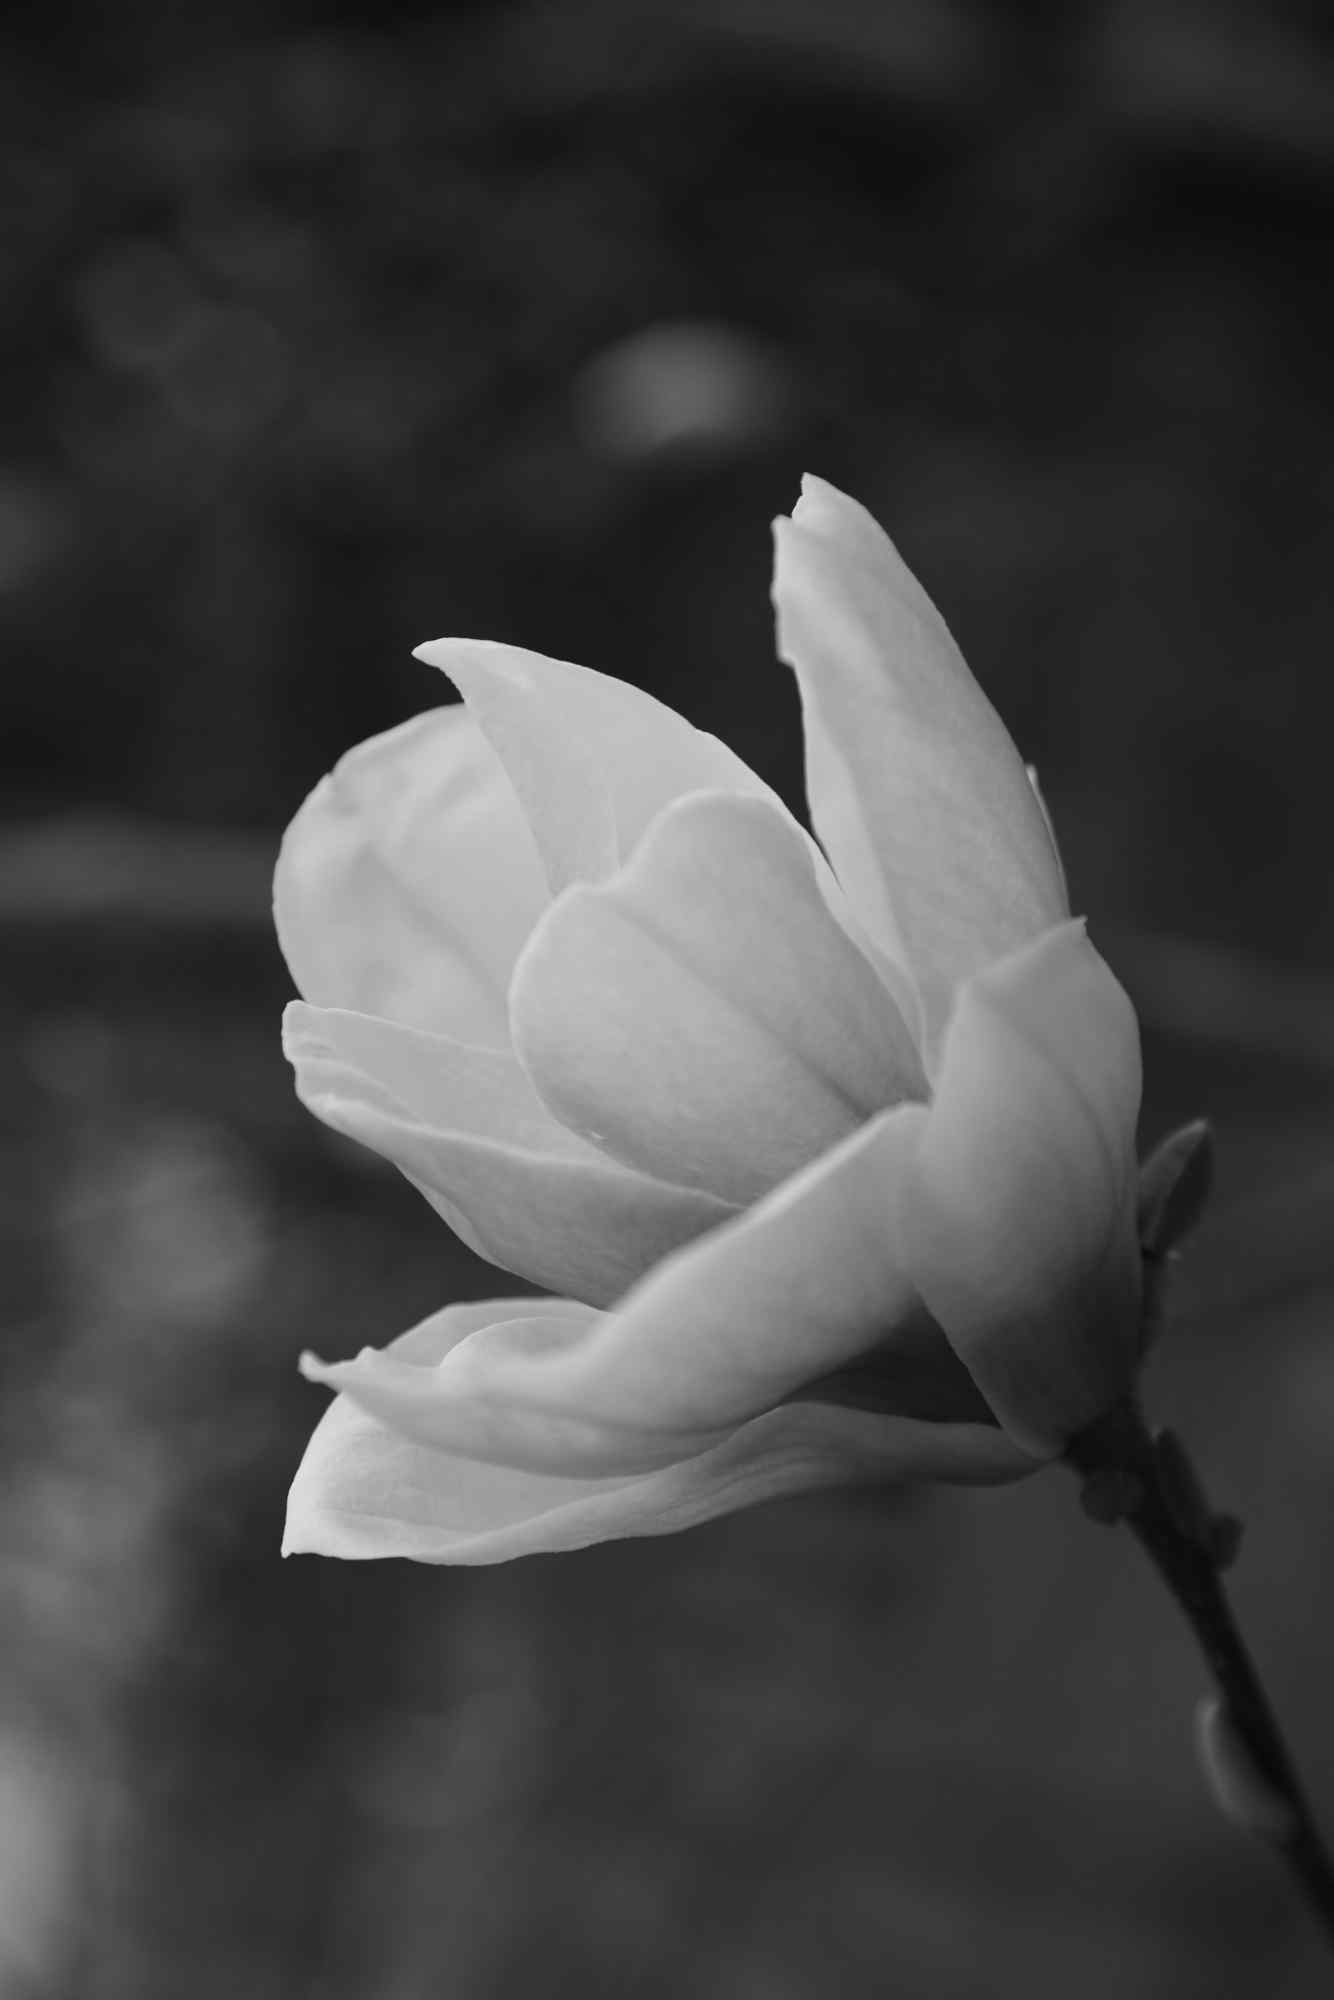 黑白色调玉兰花手机壁纸(5张)